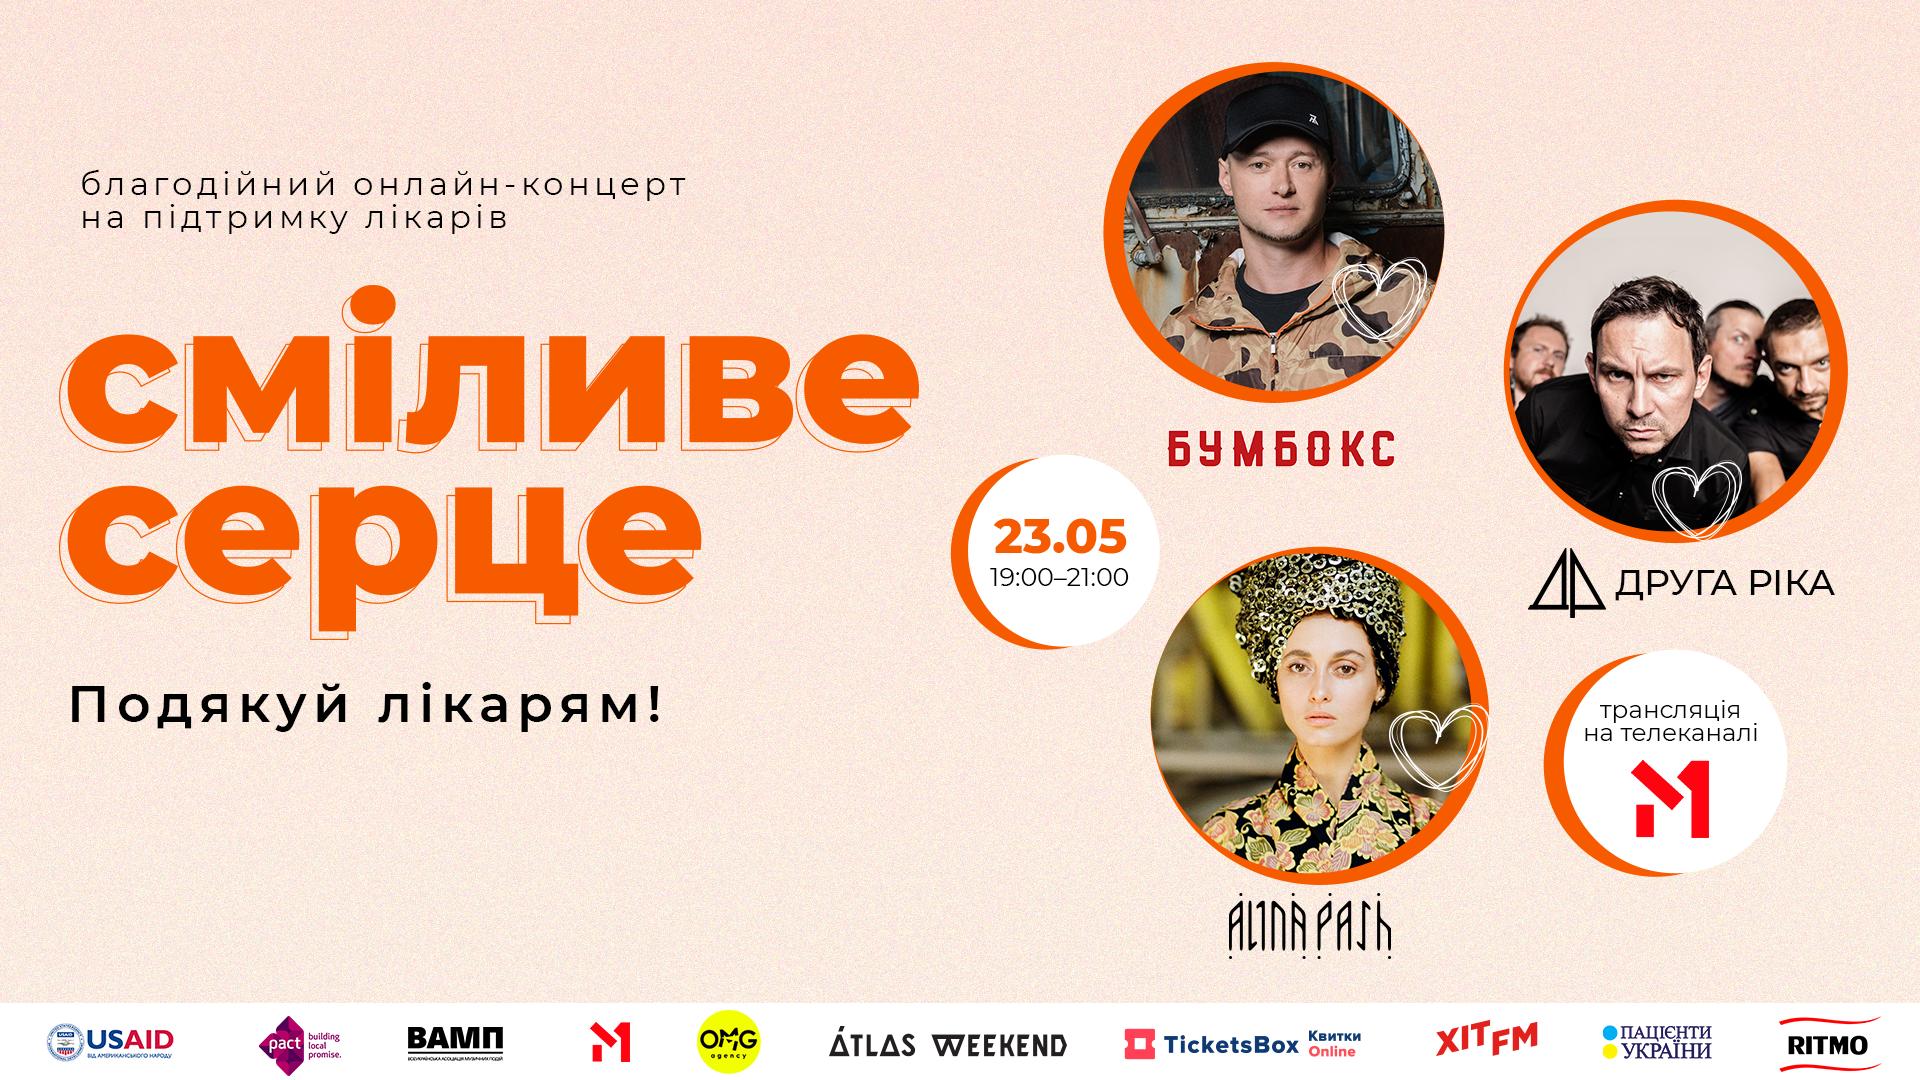 В Україні проведуть онлайн-концерт на підтримку лікарів